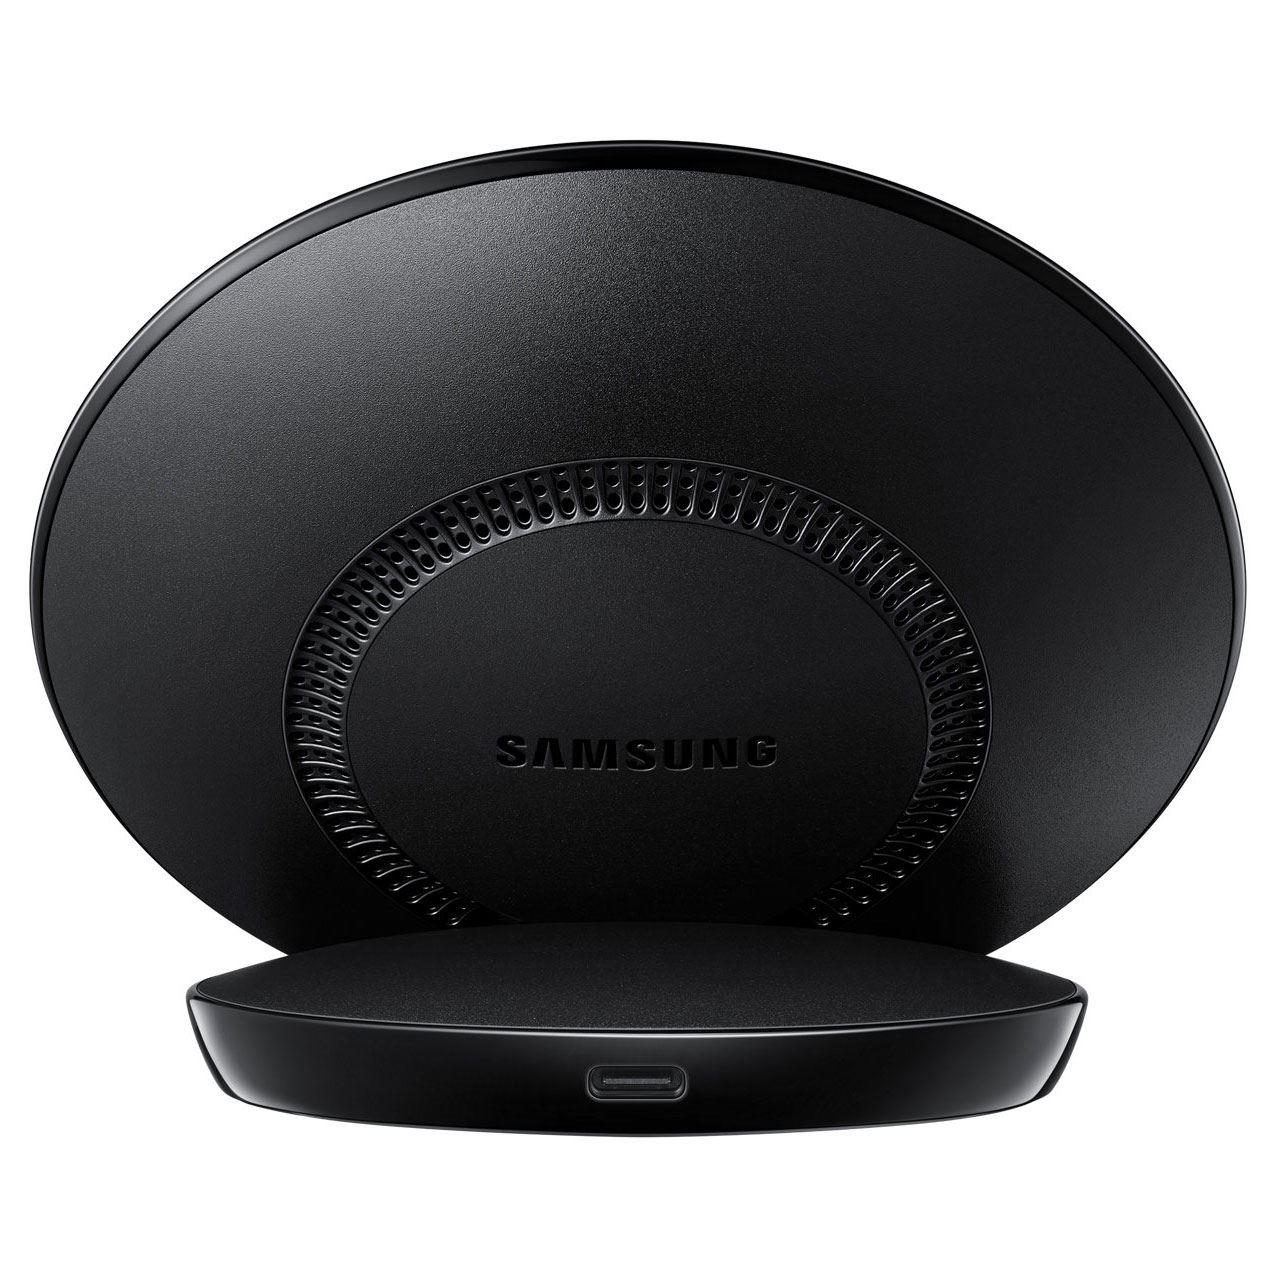 samsung induktive ladestation black ep n5100tb inkl. Black Bedroom Furniture Sets. Home Design Ideas